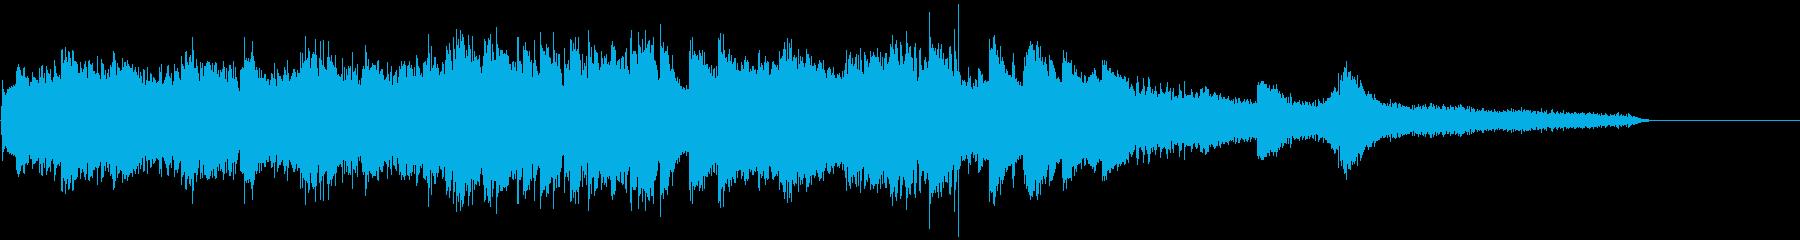 ピアノによるアイキャッチ(印象派風 2)の再生済みの波形